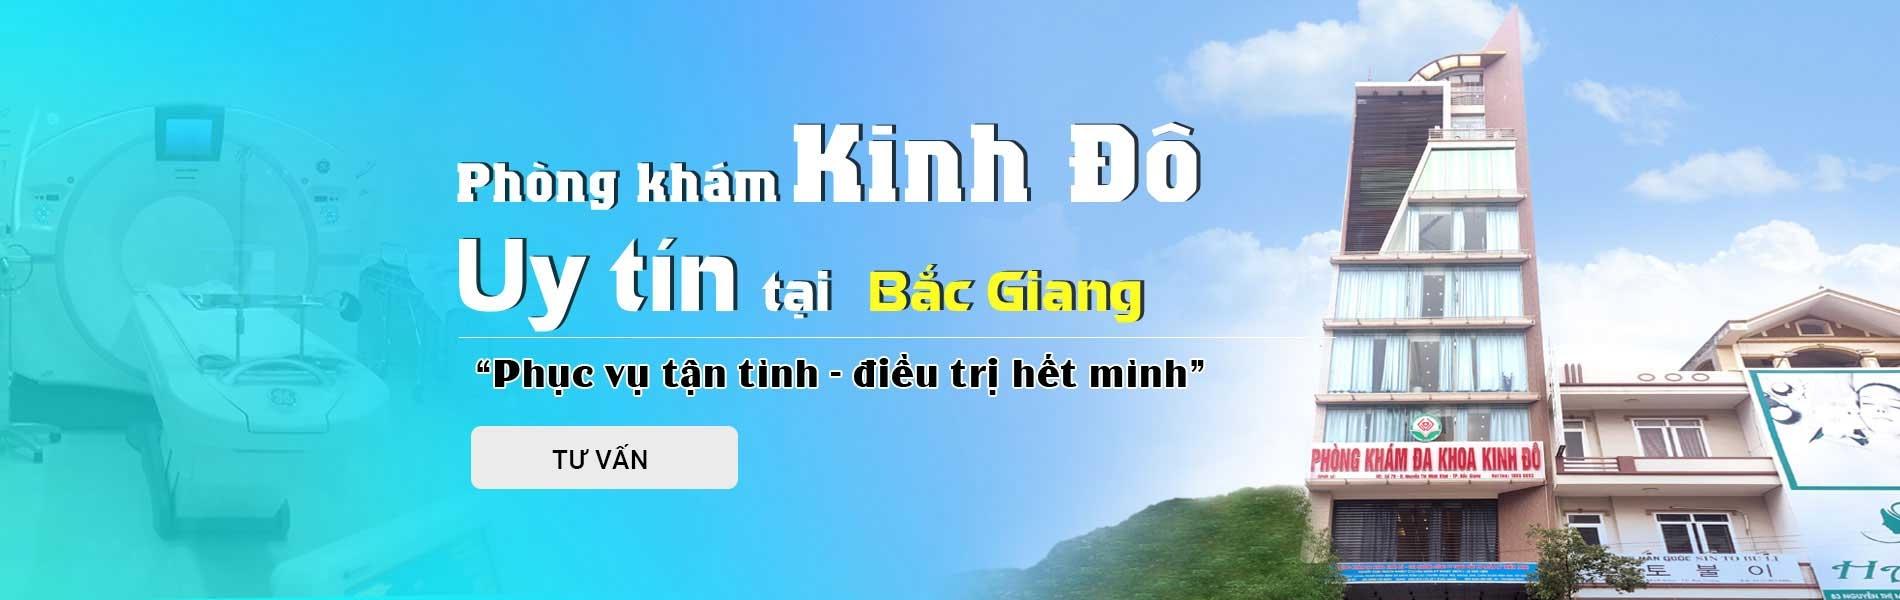 Bác Sĩ Tư Vấn (@bacsituvan79) Cover Image